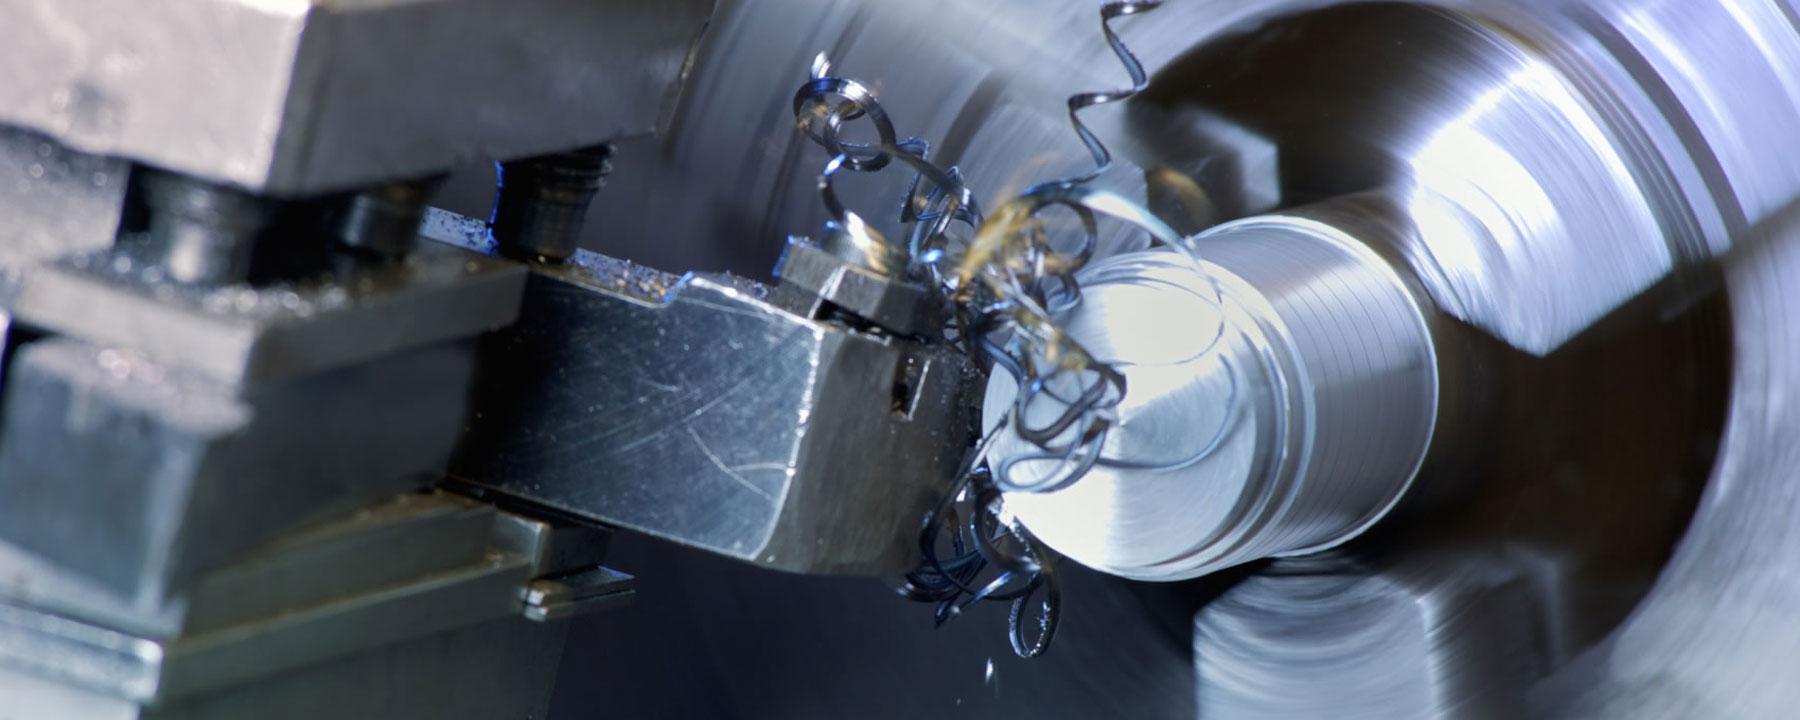 Van Gestel fijnmetaal – Specialisten in CNC draai- en freeswerk